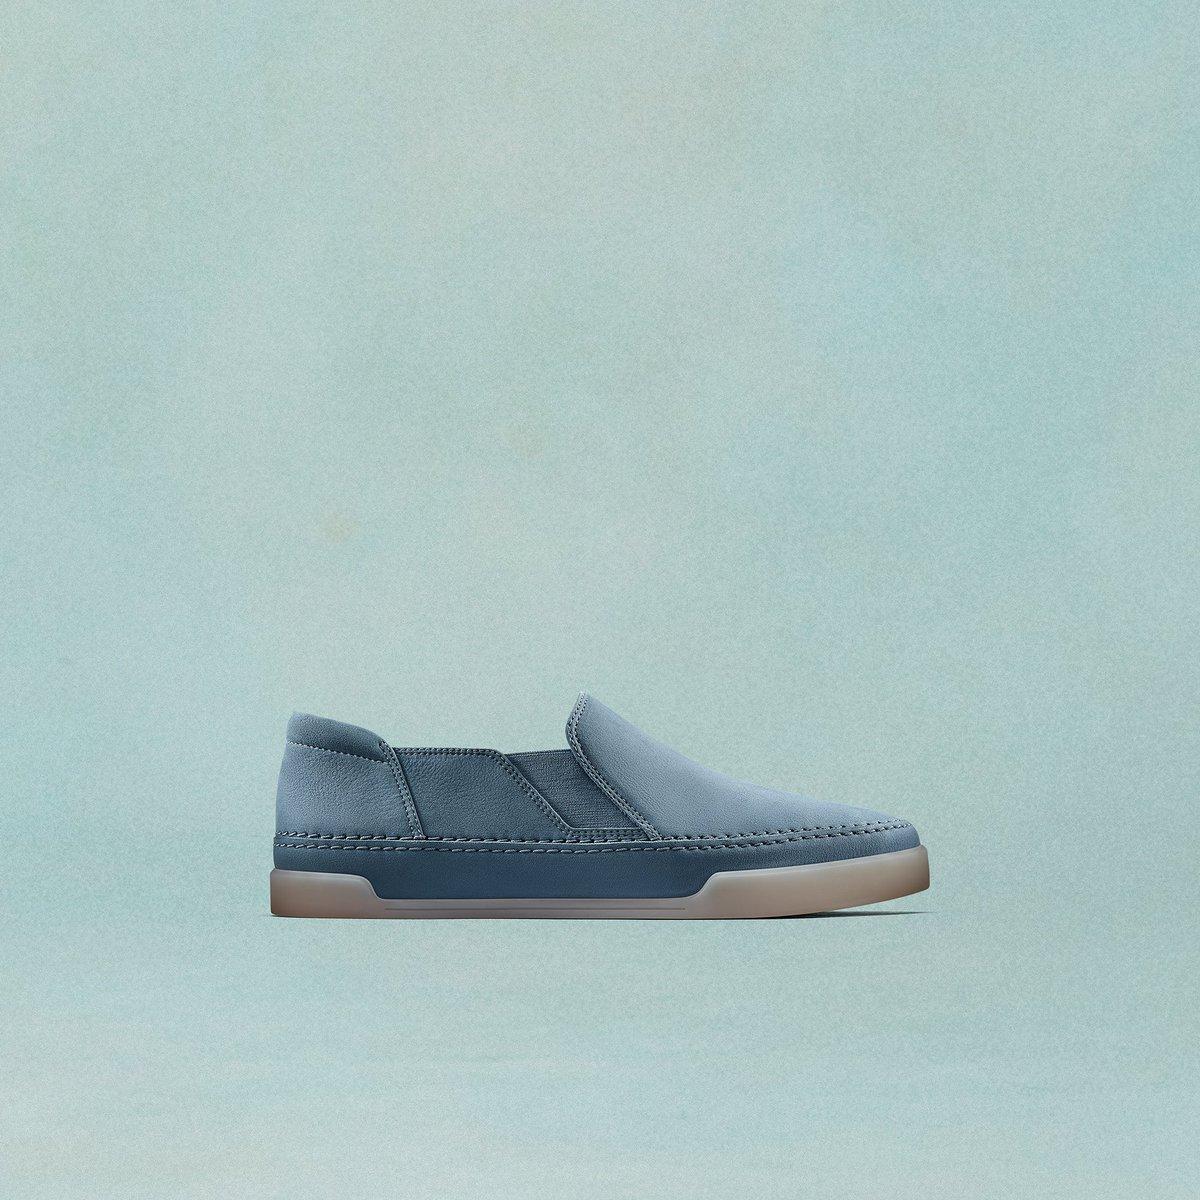 a0b75c01a2b1 Clarks Shoes ( clarksshoes)